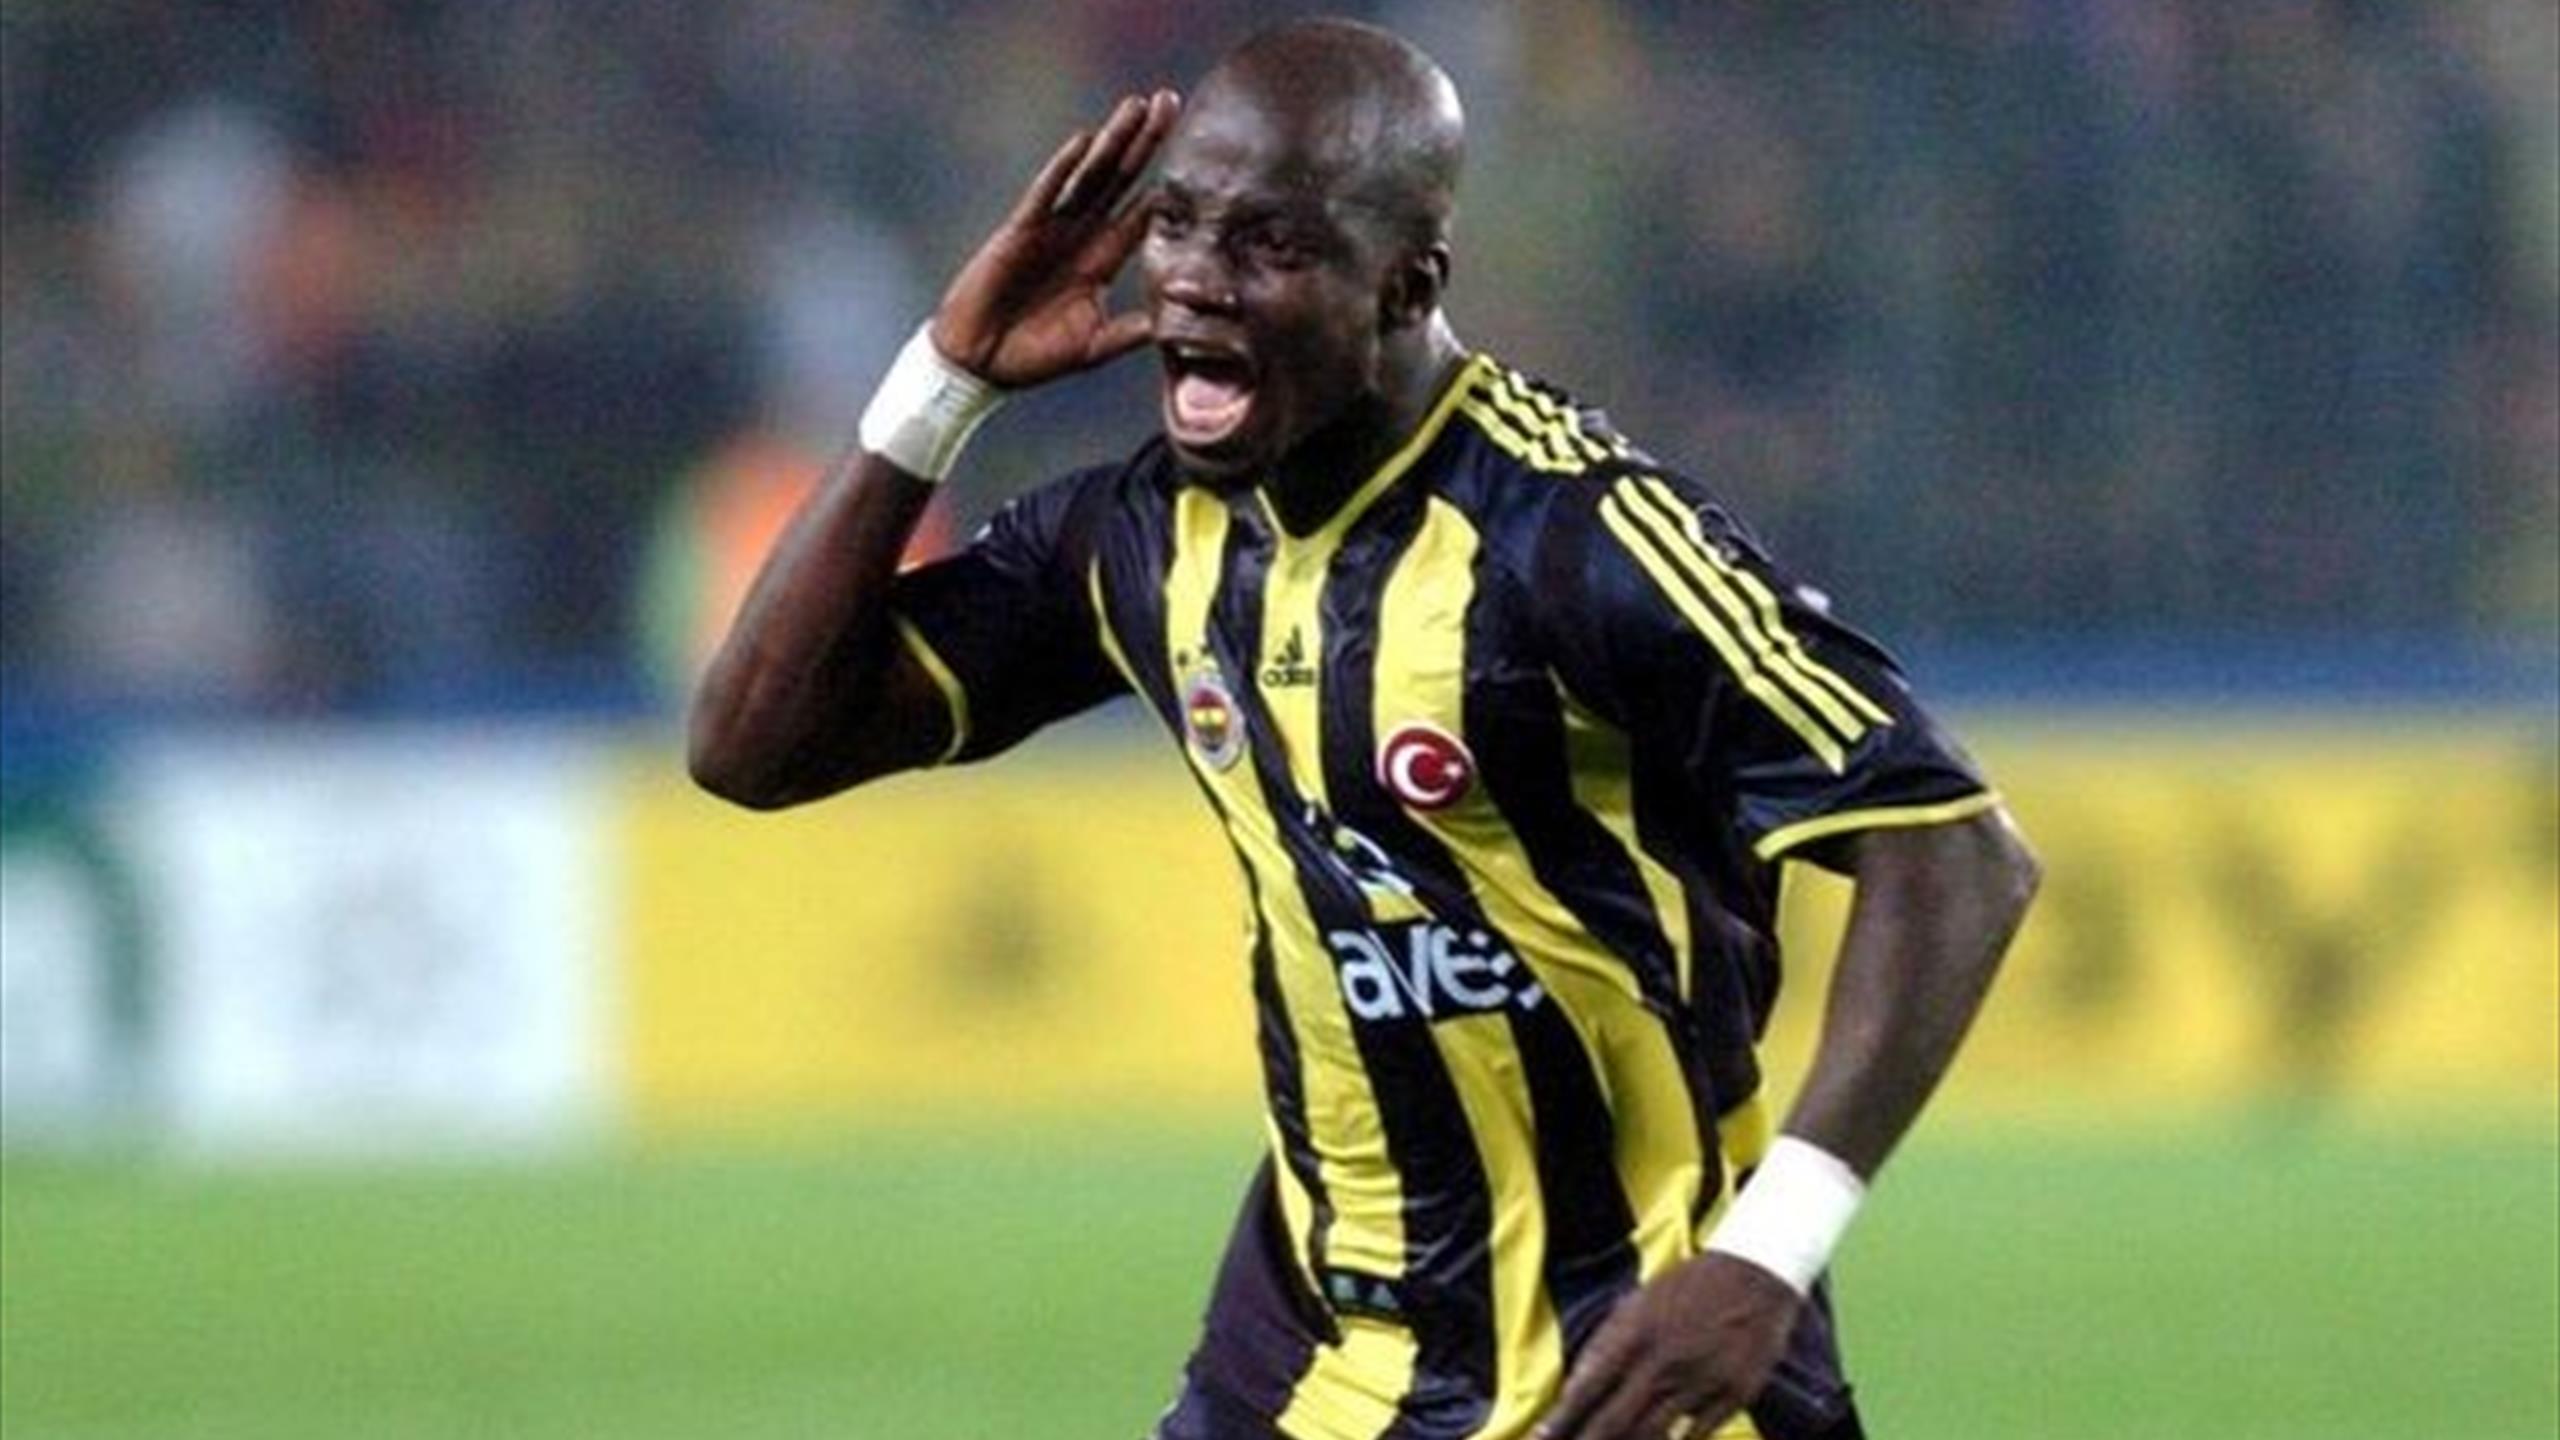 Fenerbahçe'in Kadıköy'de Galatasaray'a Yenilmediği 19 lig maçı 9